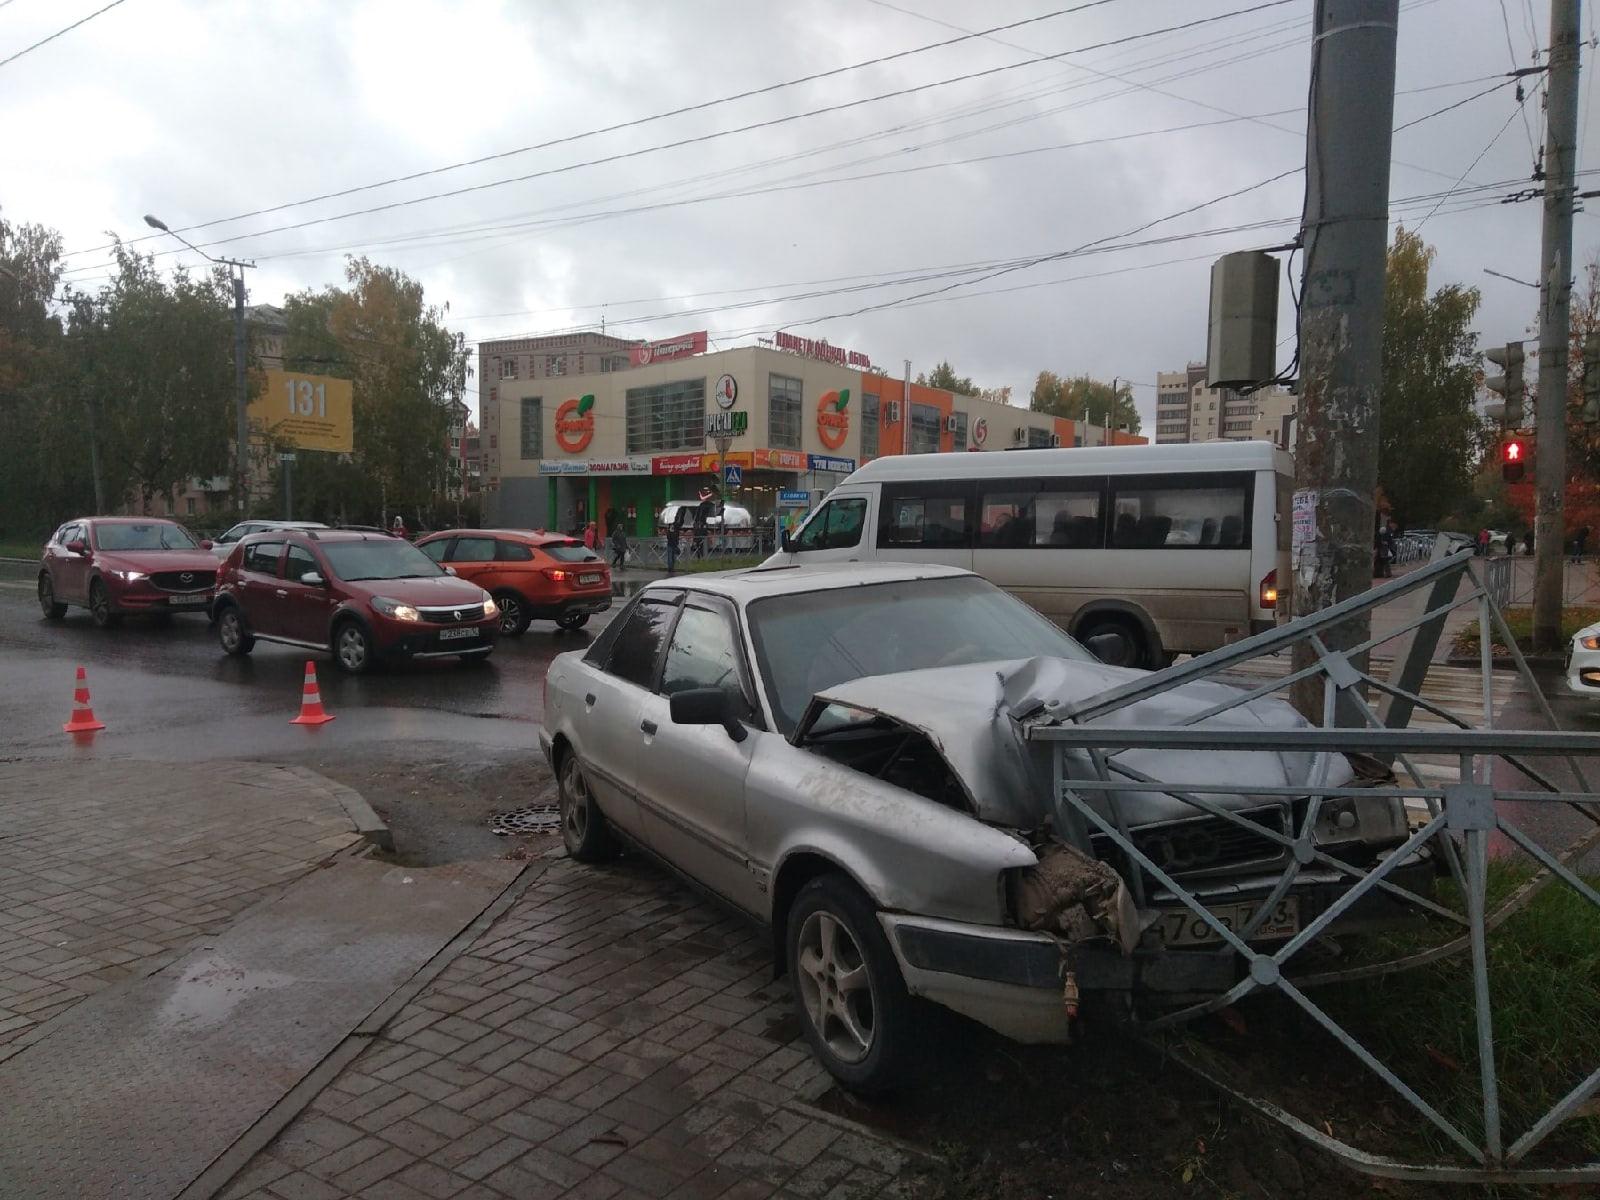 25 сентября в Йошкар-Оле в ДТП пострадали две девочки